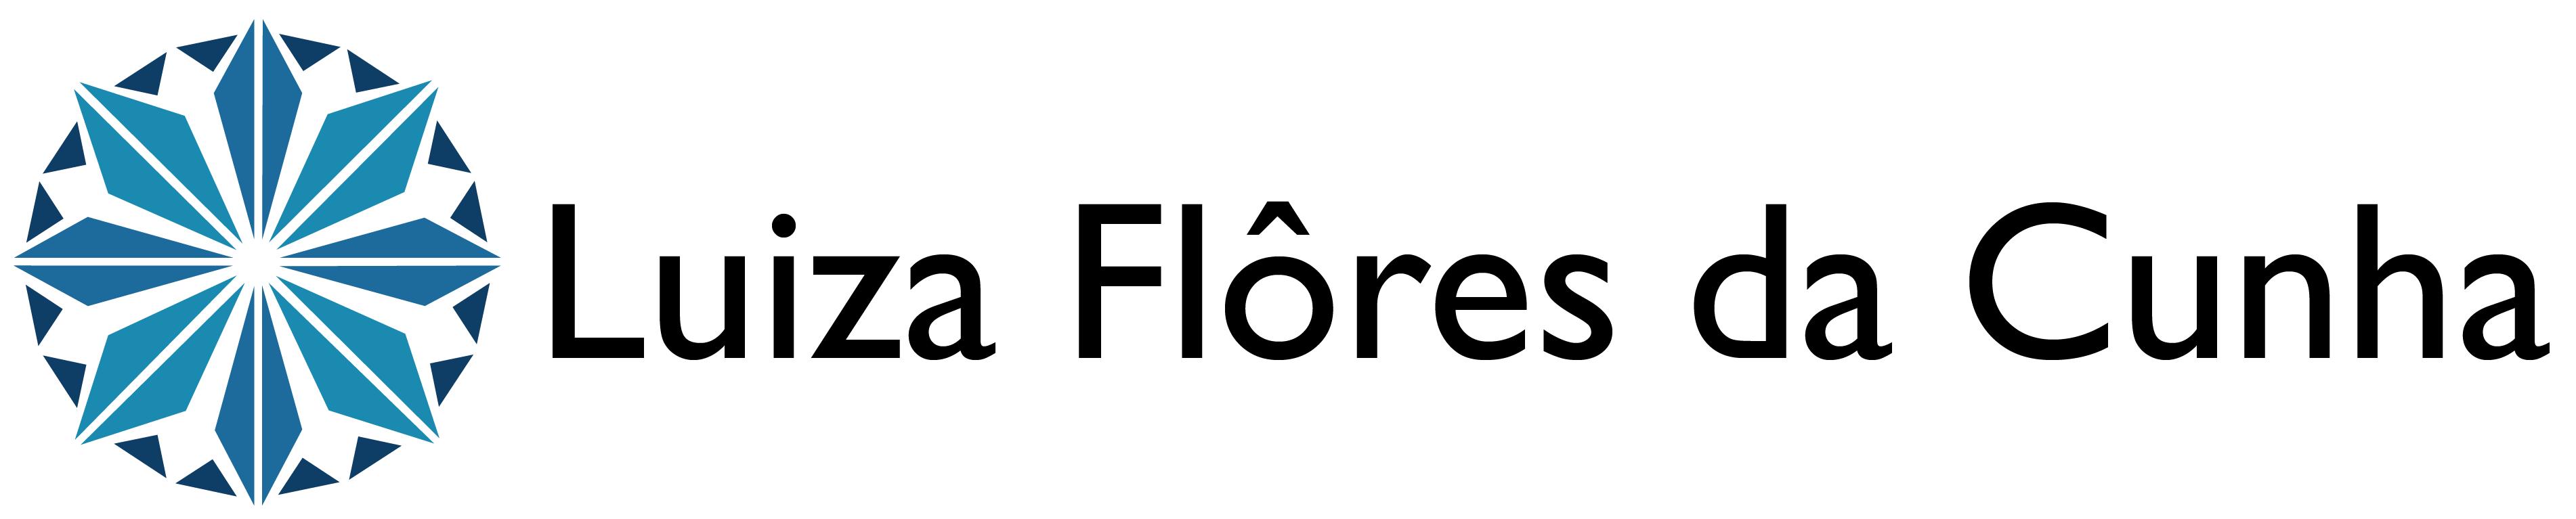 Luiza Flores da Cunha